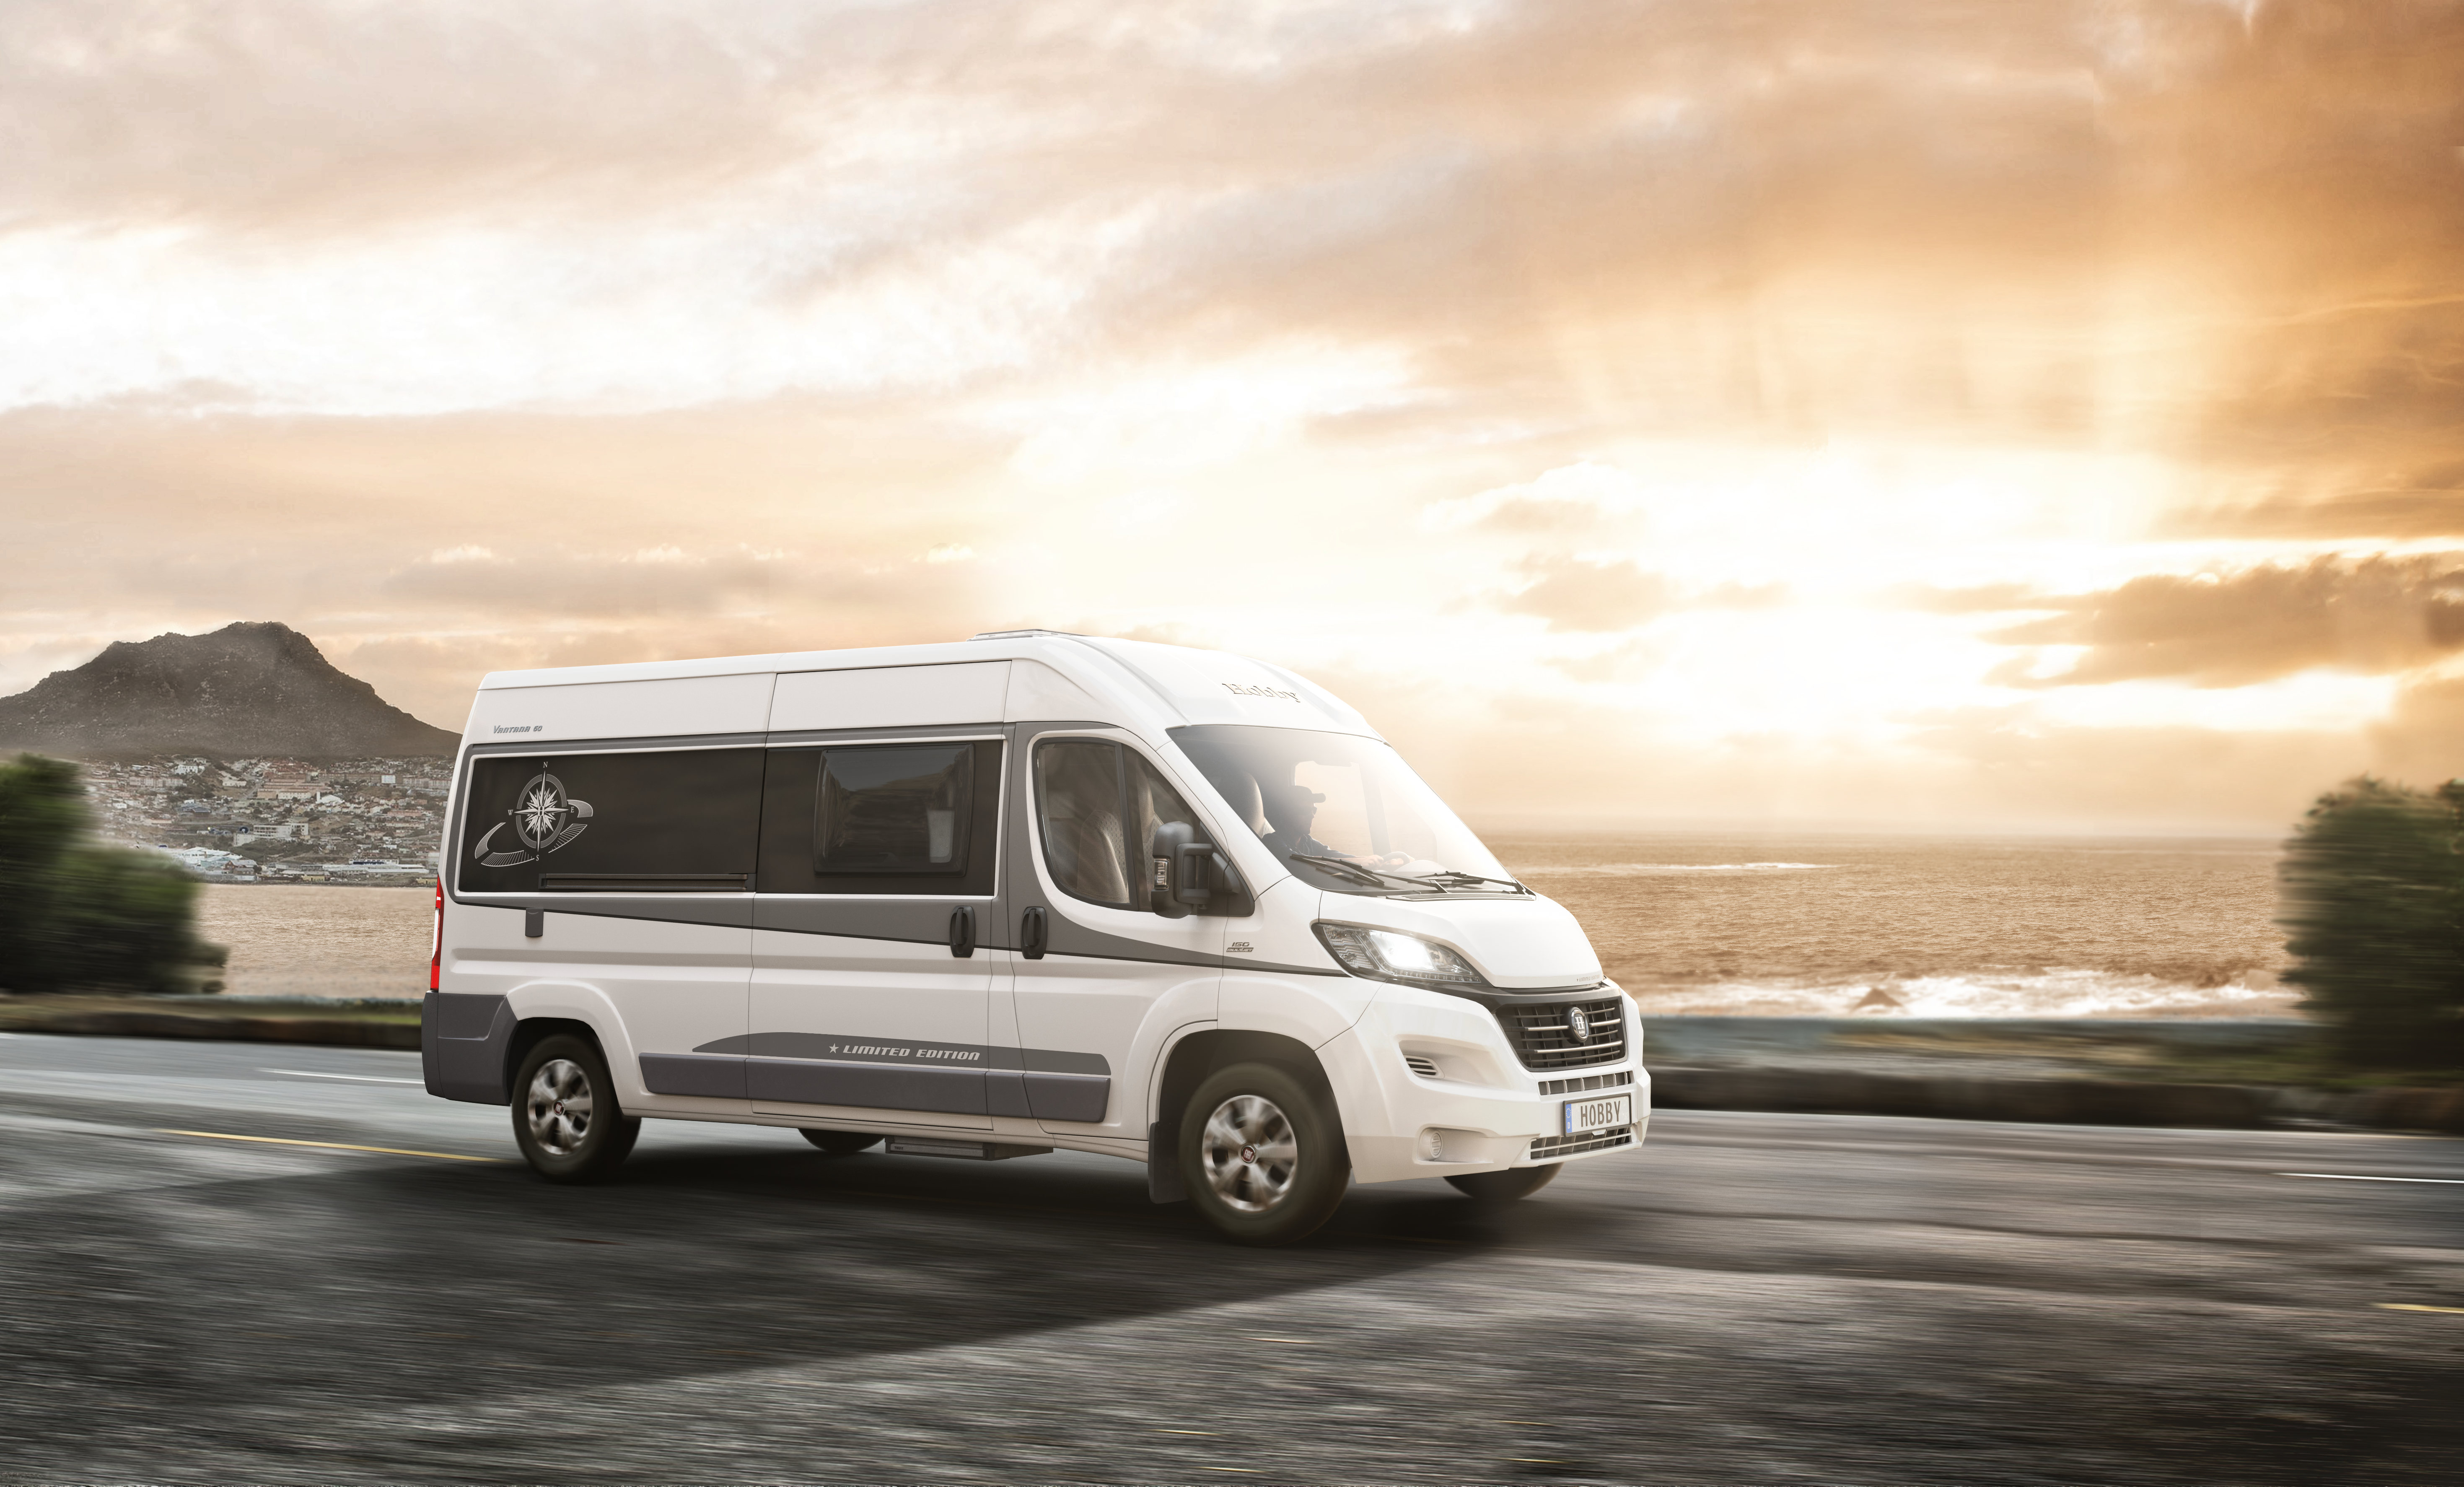 c16ed27cdb Press Release - Hobby Caravan